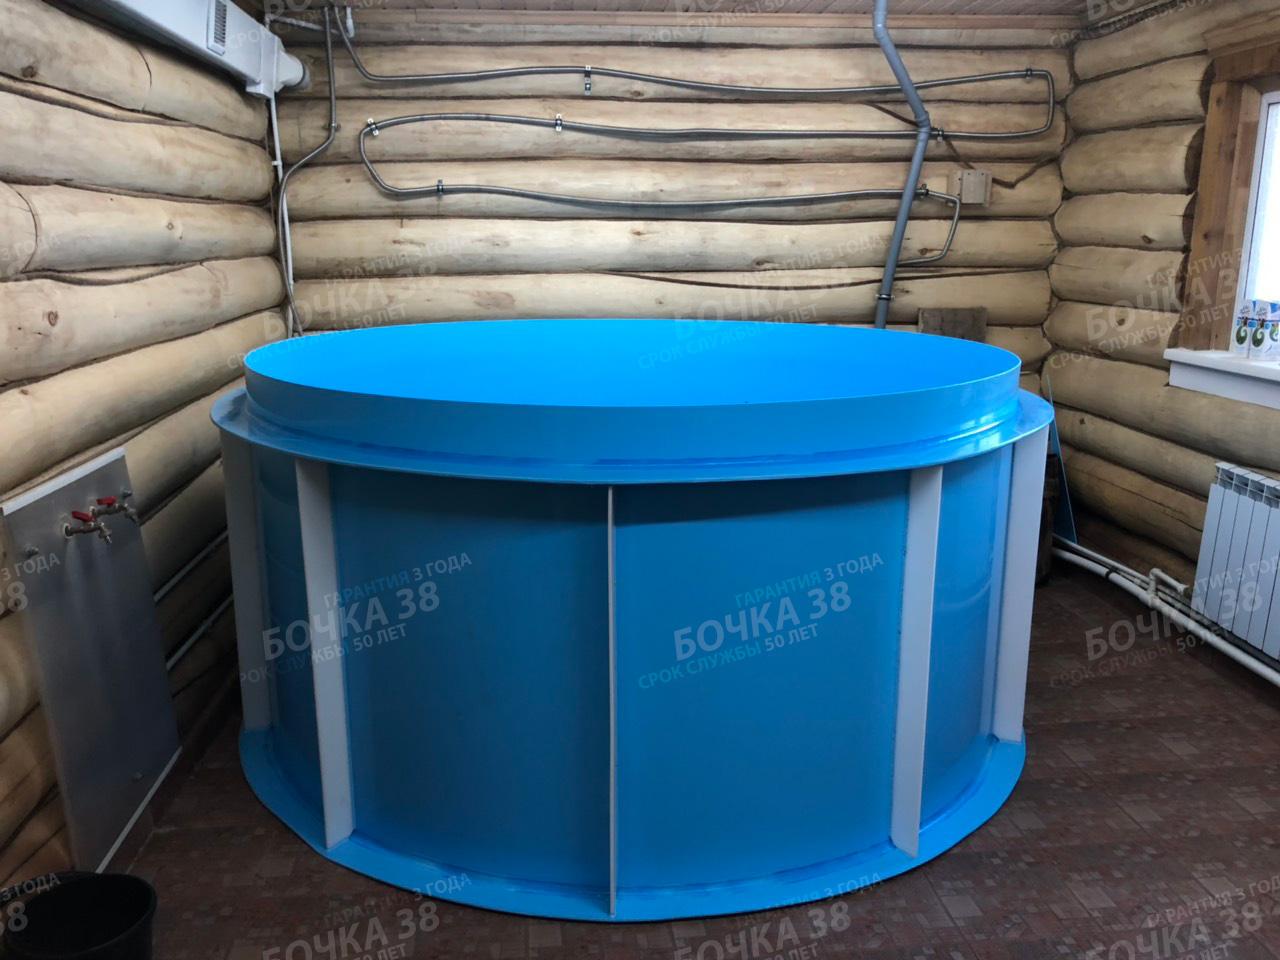 Купель для бани и сауны пластиковая кедровая композитная из полипропилена установка своими руками, как сделать деревянную овальную угловую чашу из бетона с подогревом